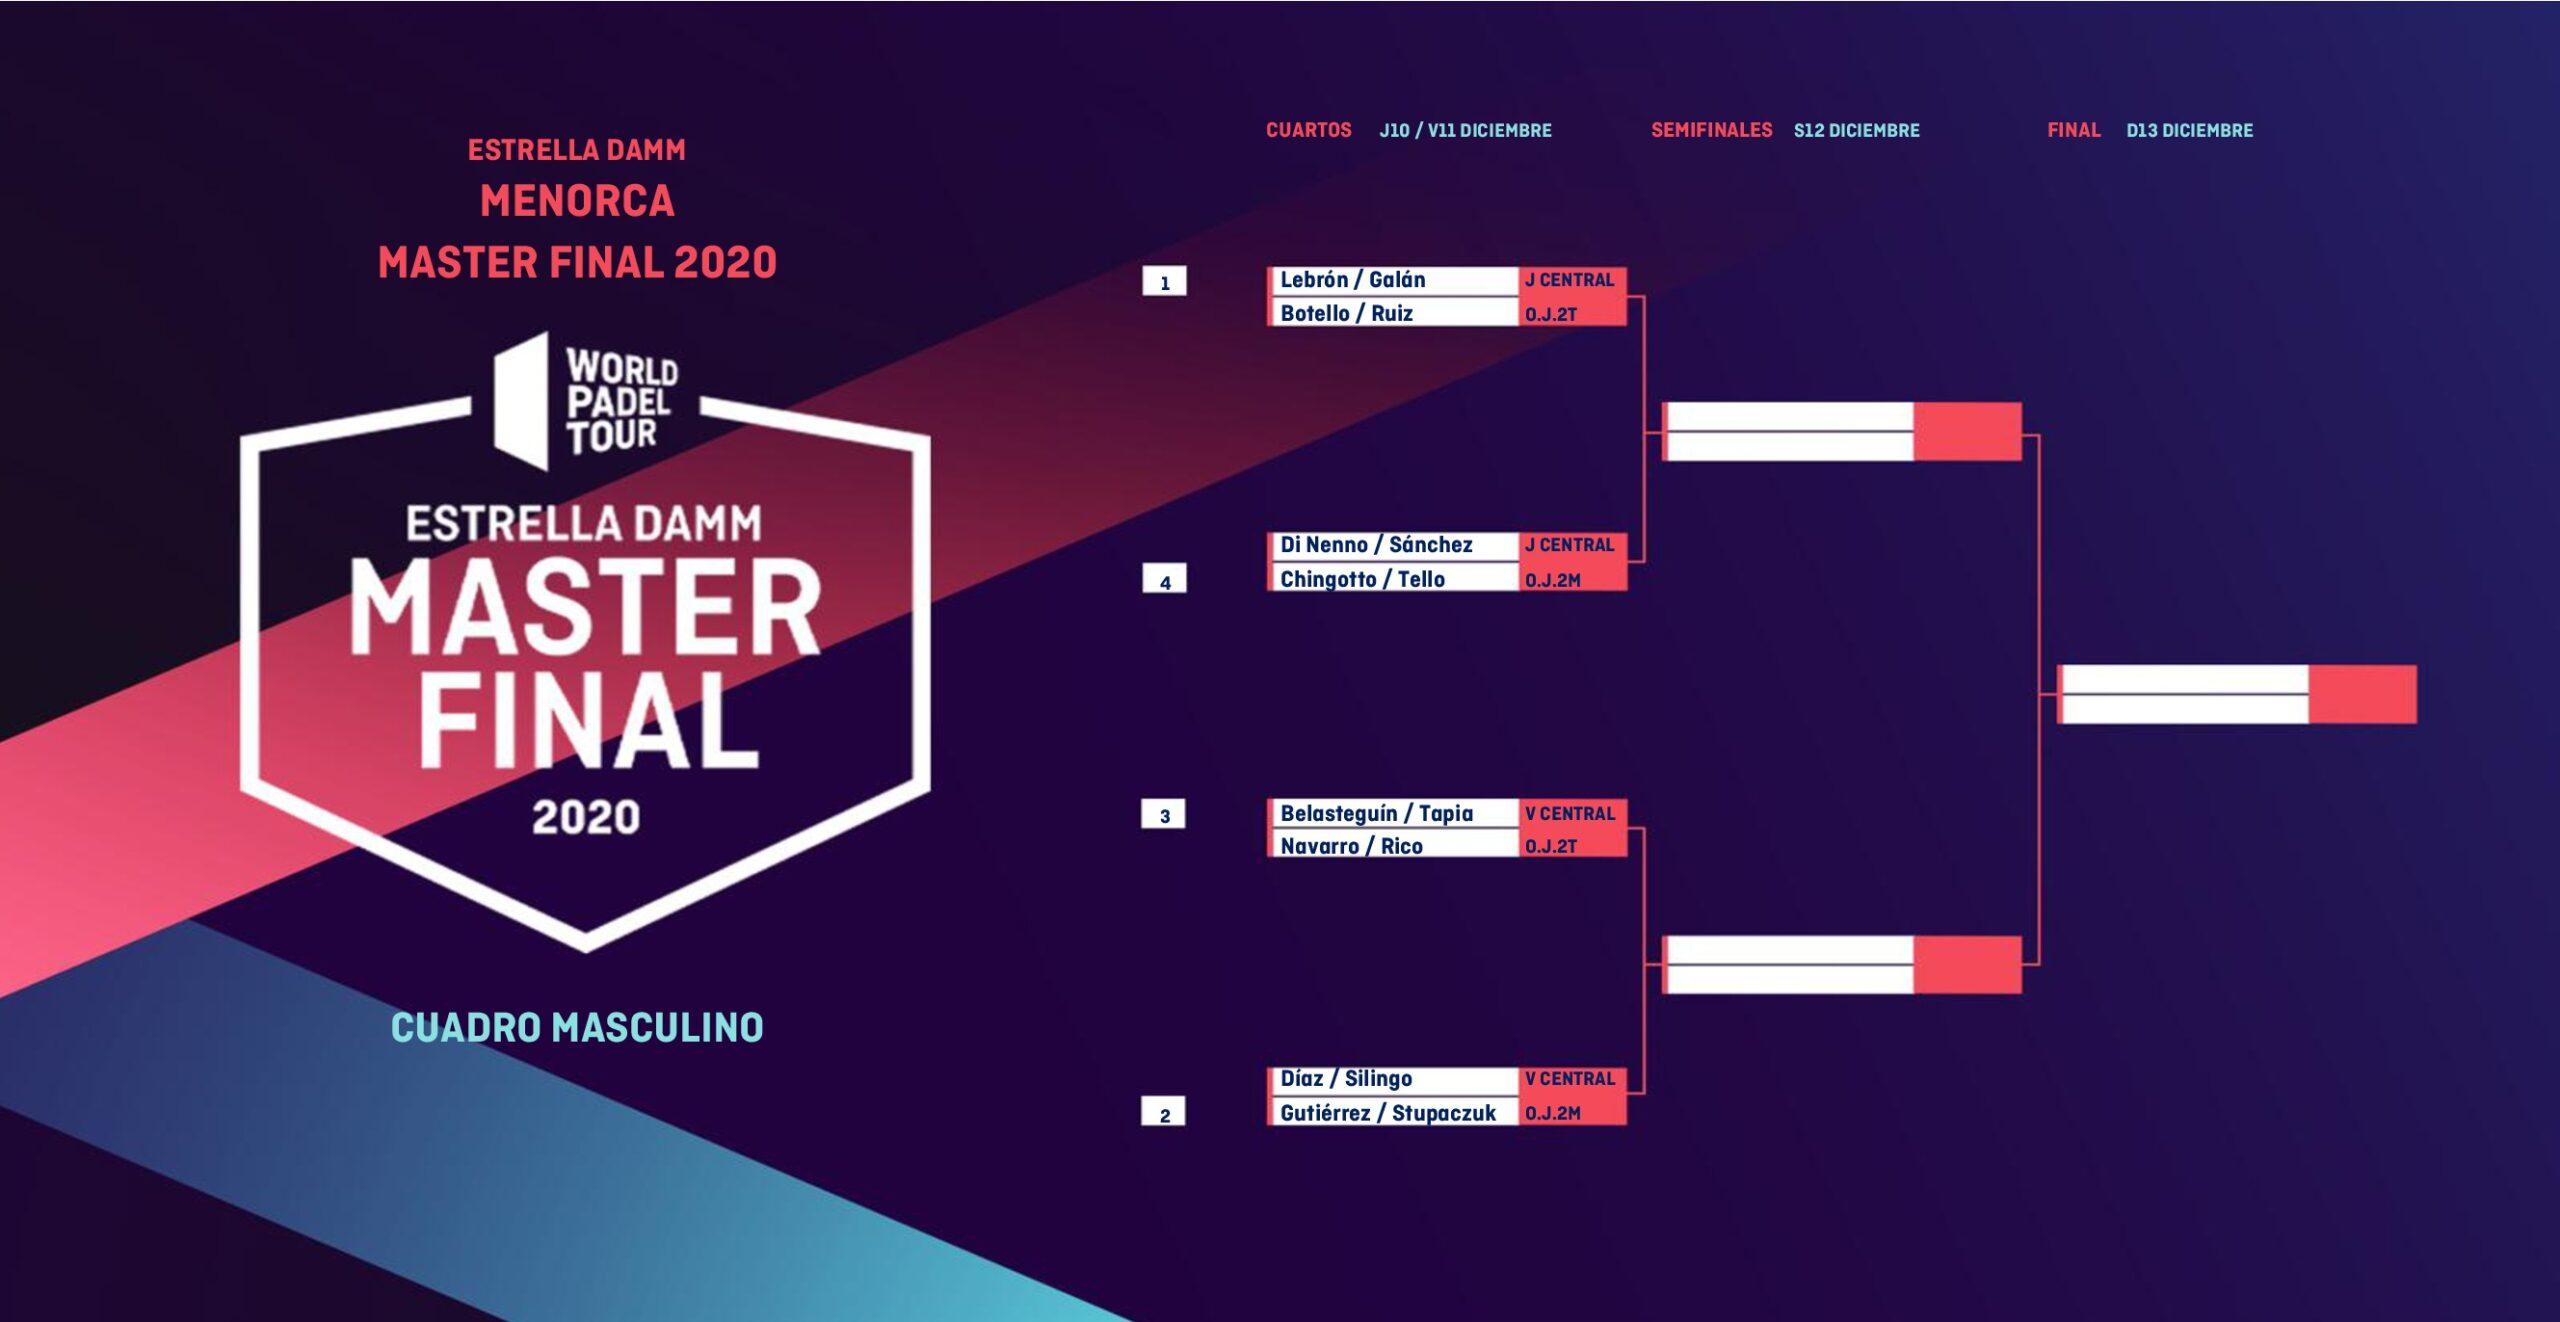 Cuadro masculino del Estrella Damm Menorca Master Final 2020